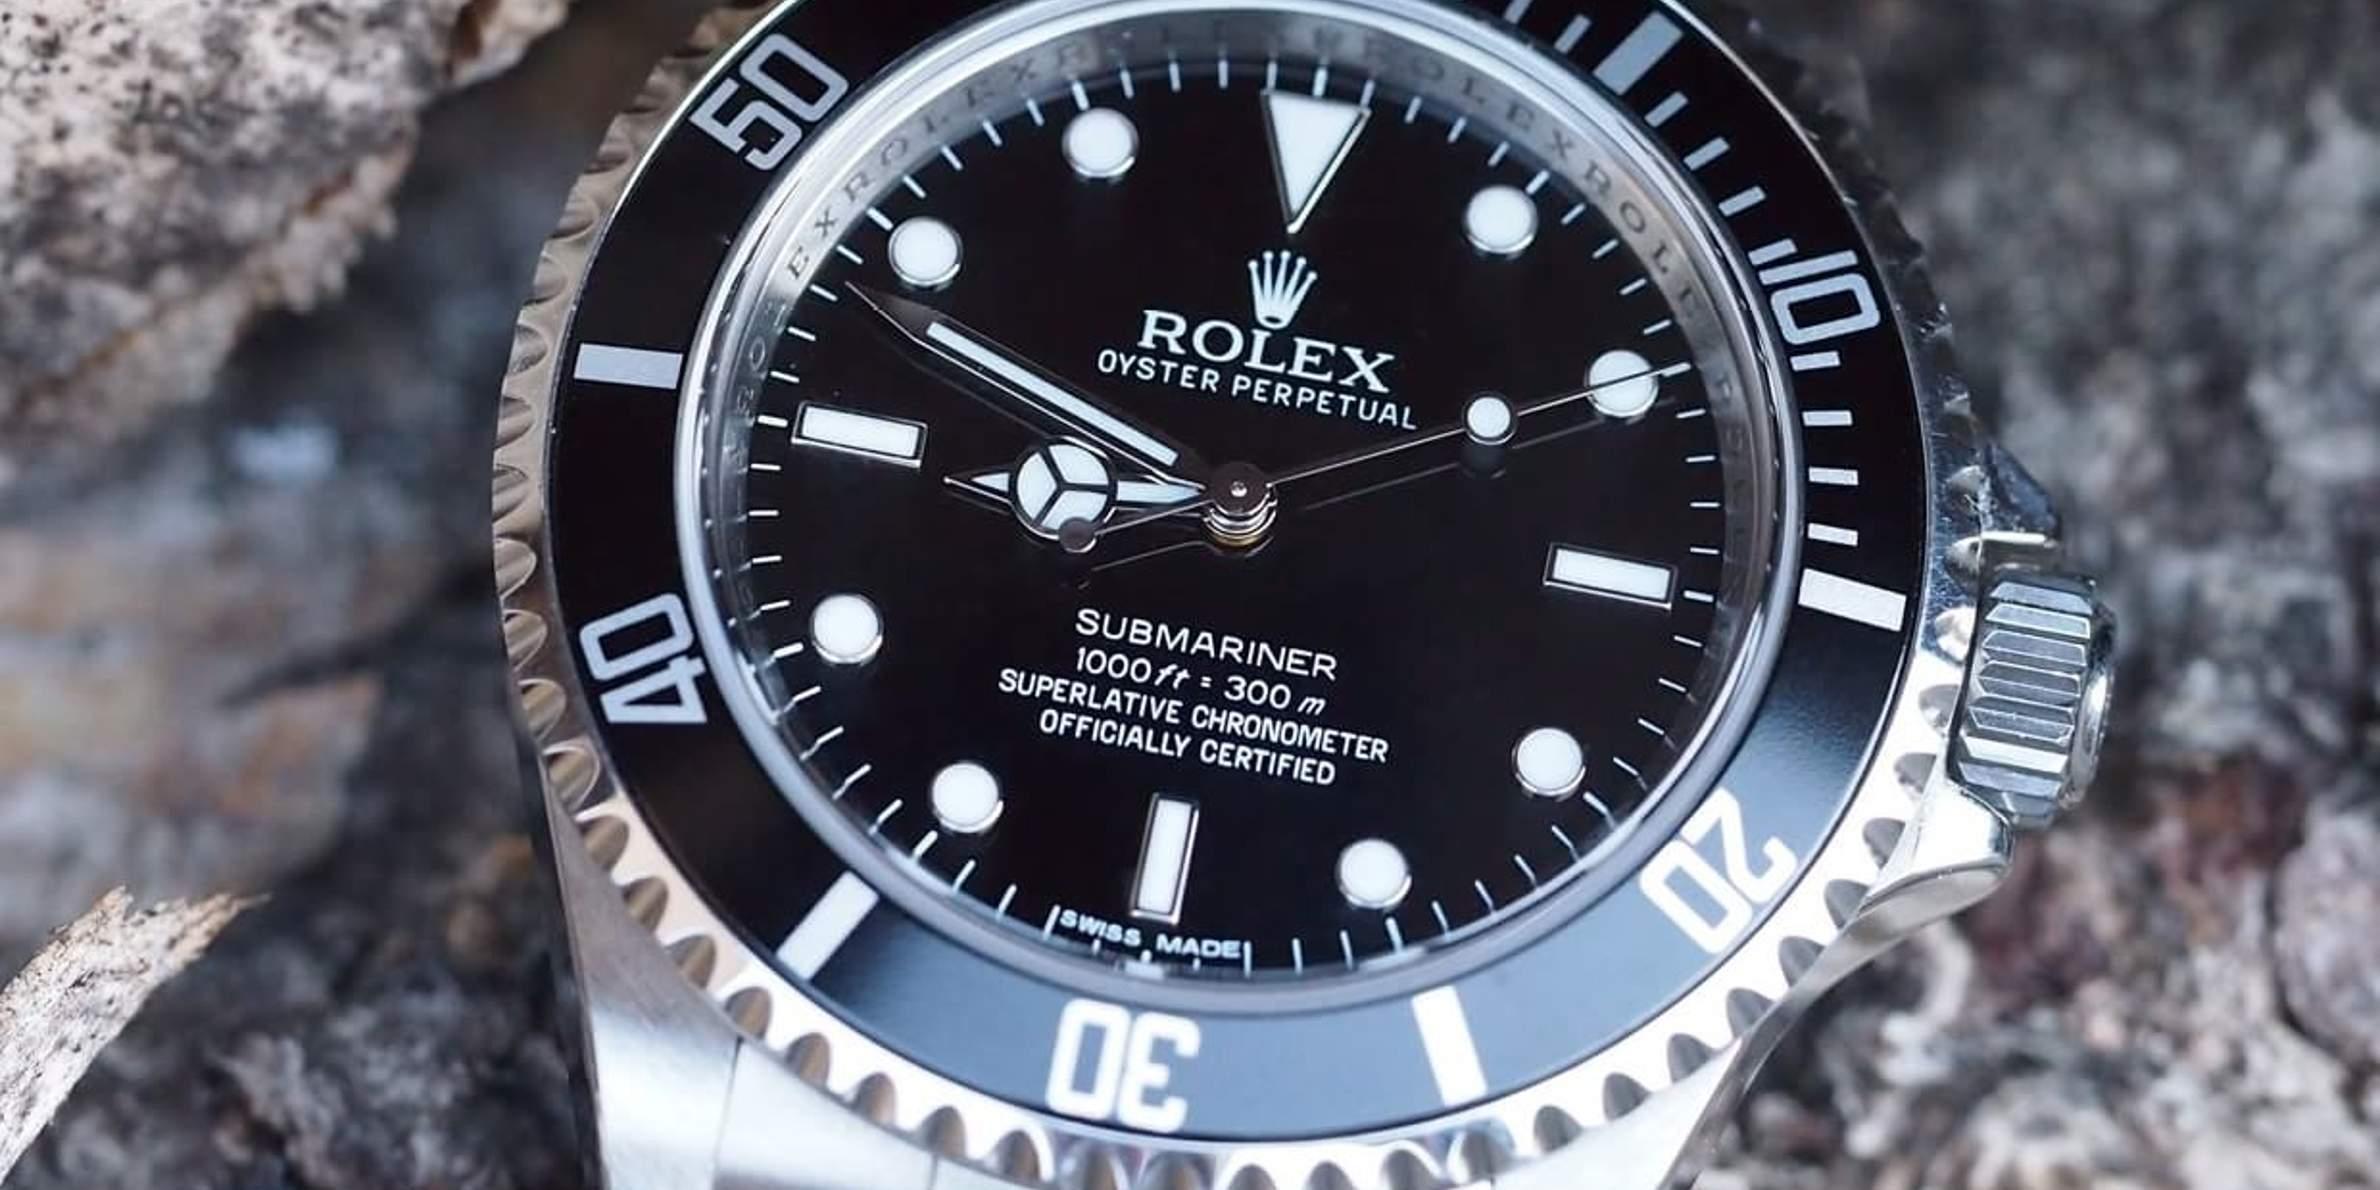 Rolex Submariner, Imagen: FratelloWatches